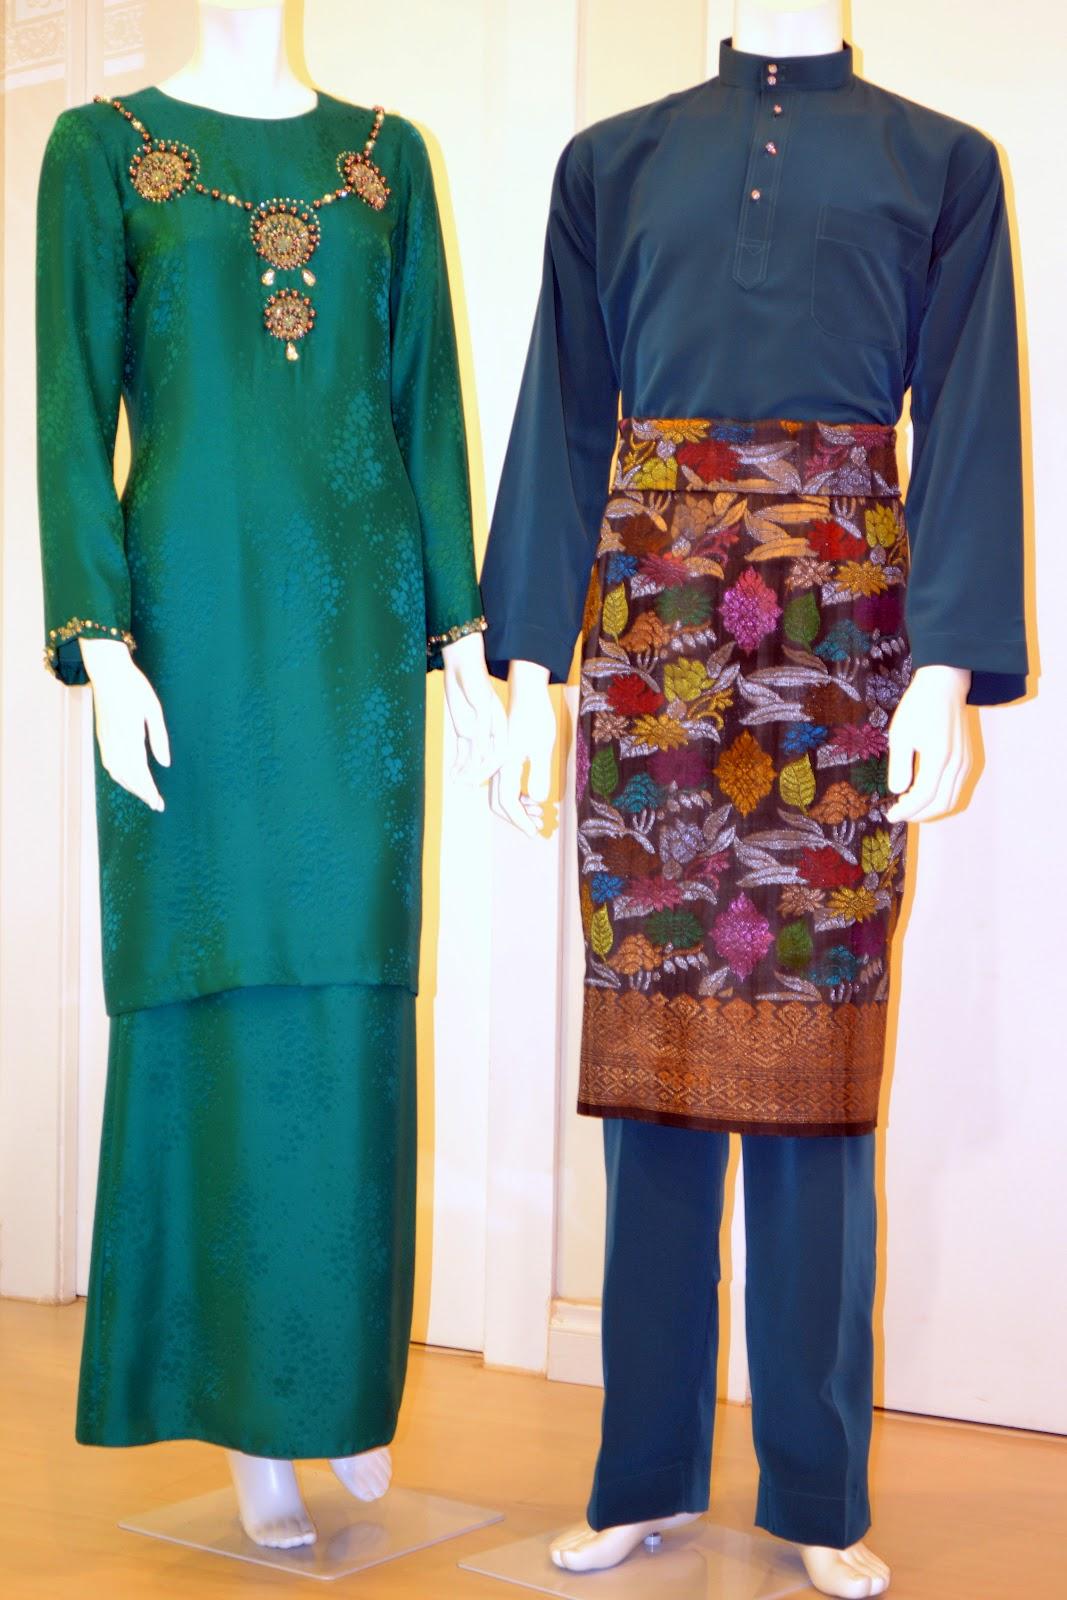 Kaymaria Boutique June 2012-2426